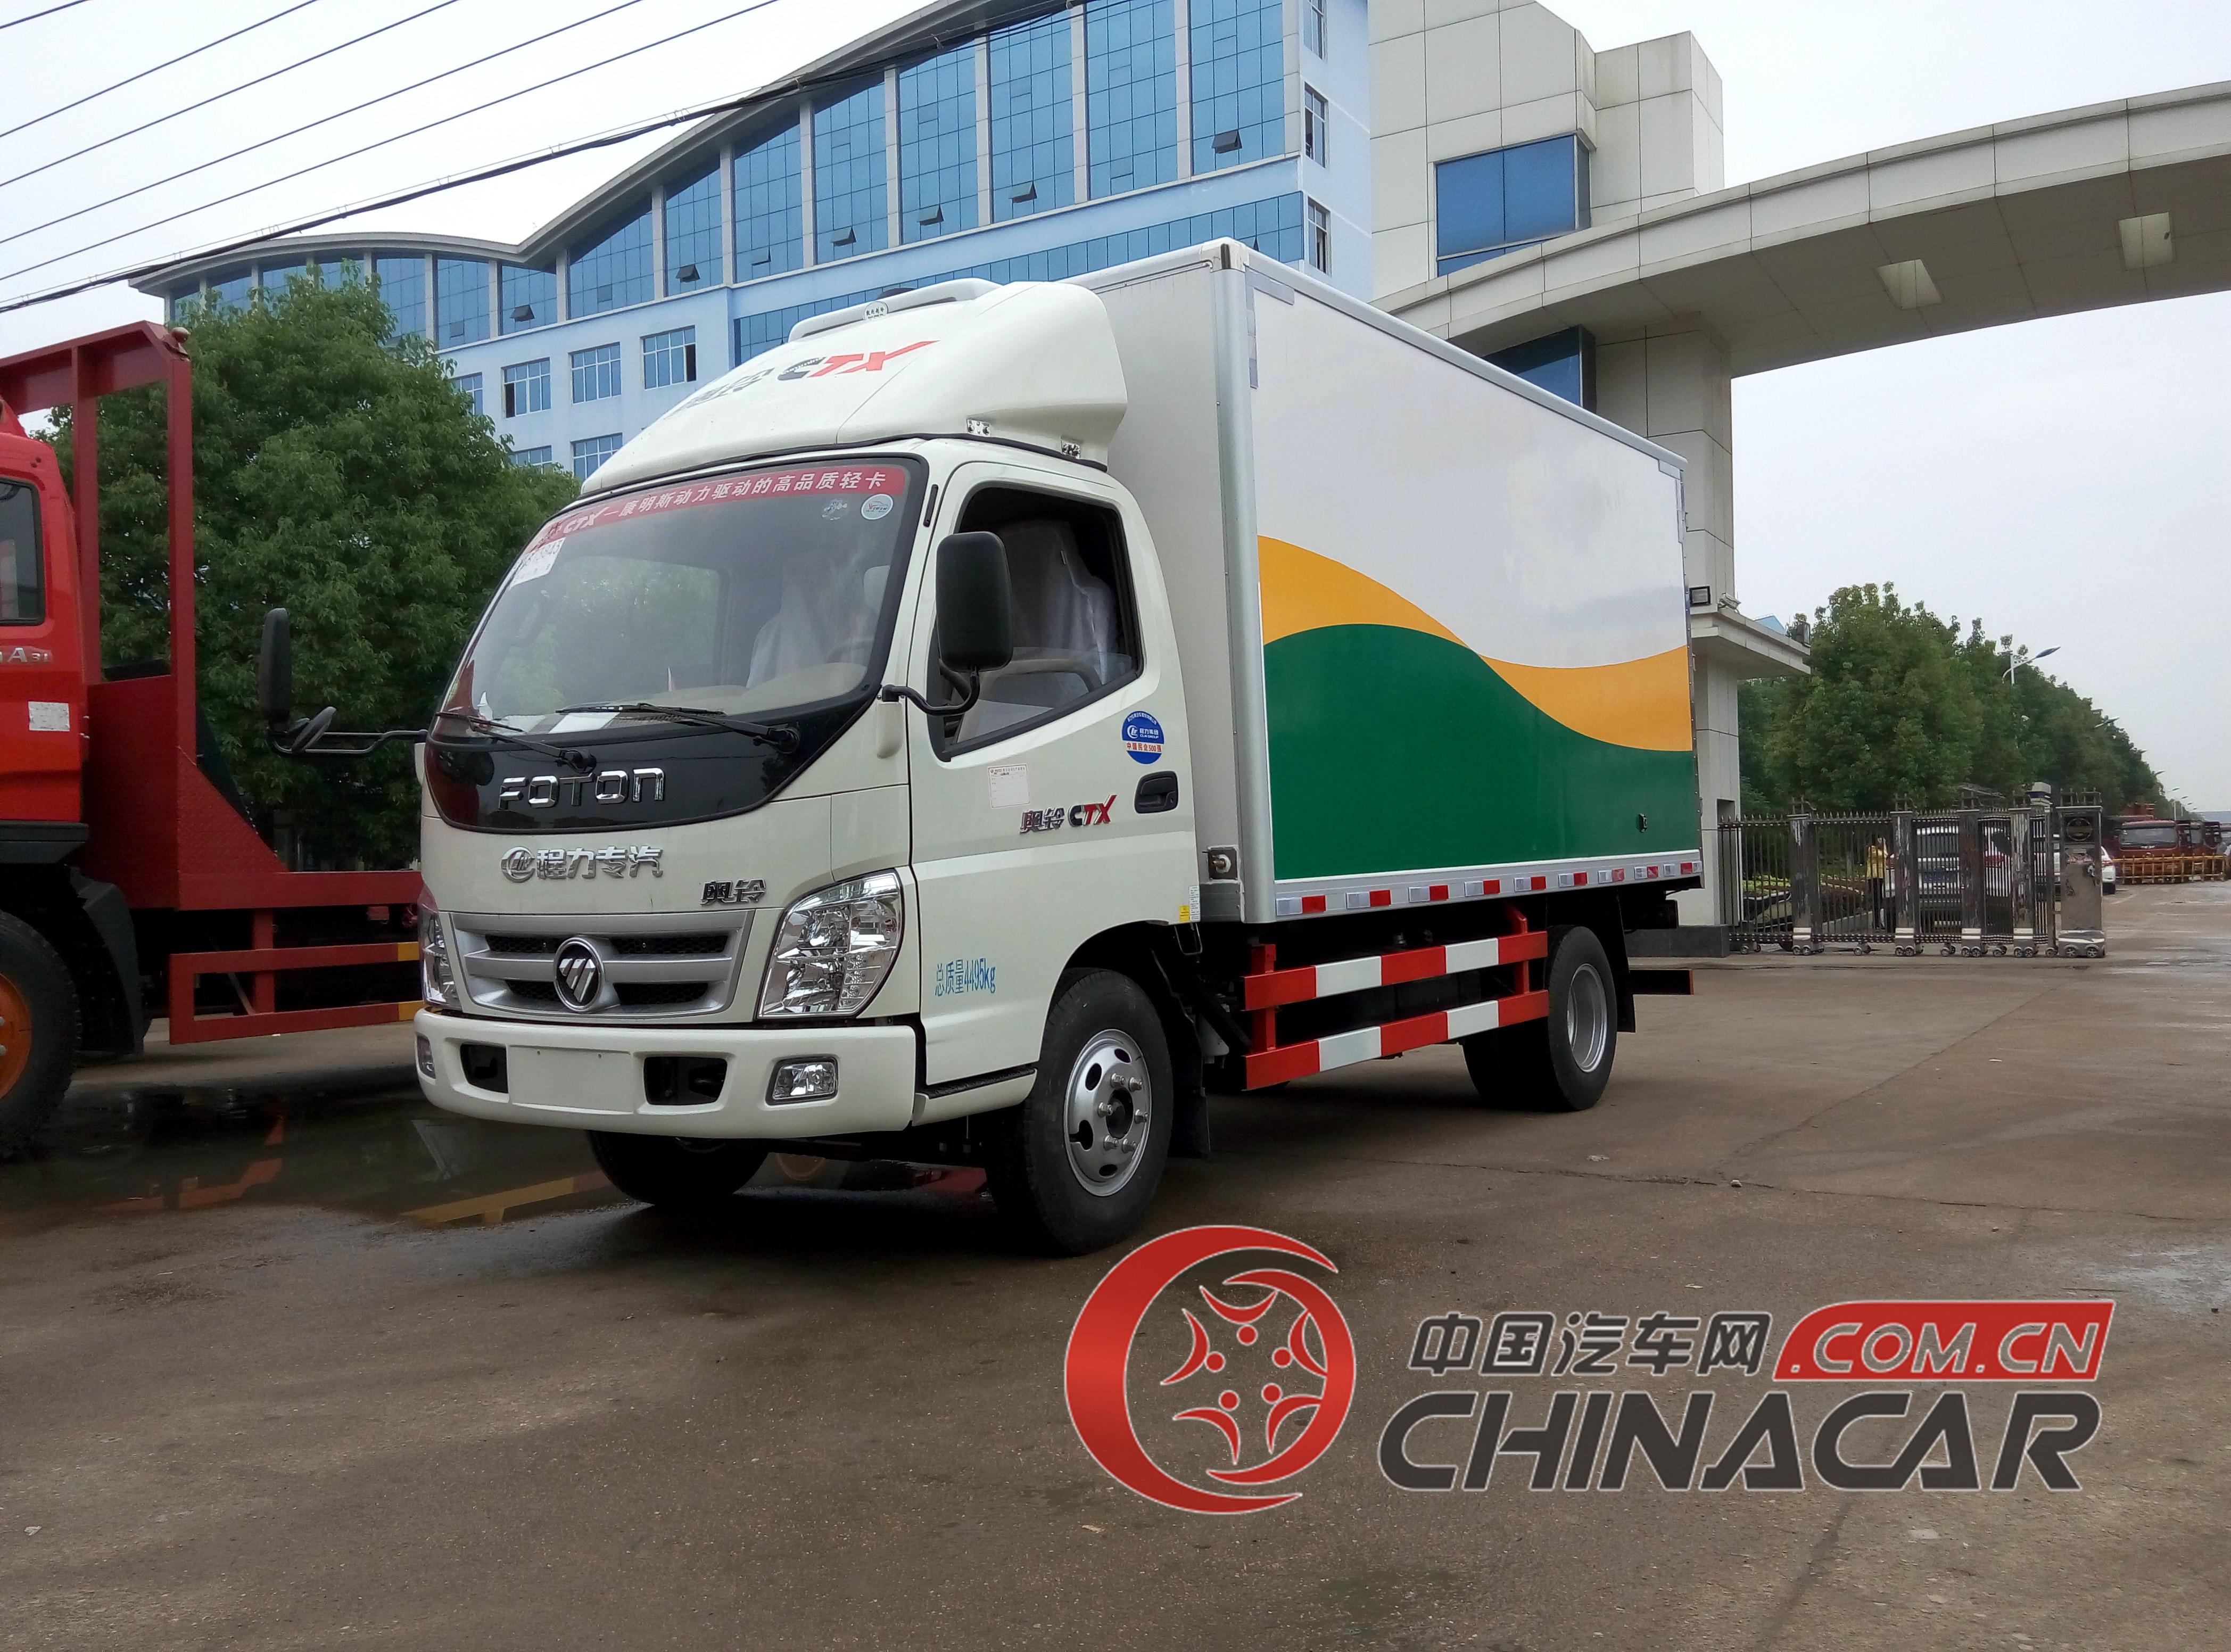 可用于运输冷冻食品(冷冻车),蔬菜水果(鲜货运输车),奶制品(奶品运输